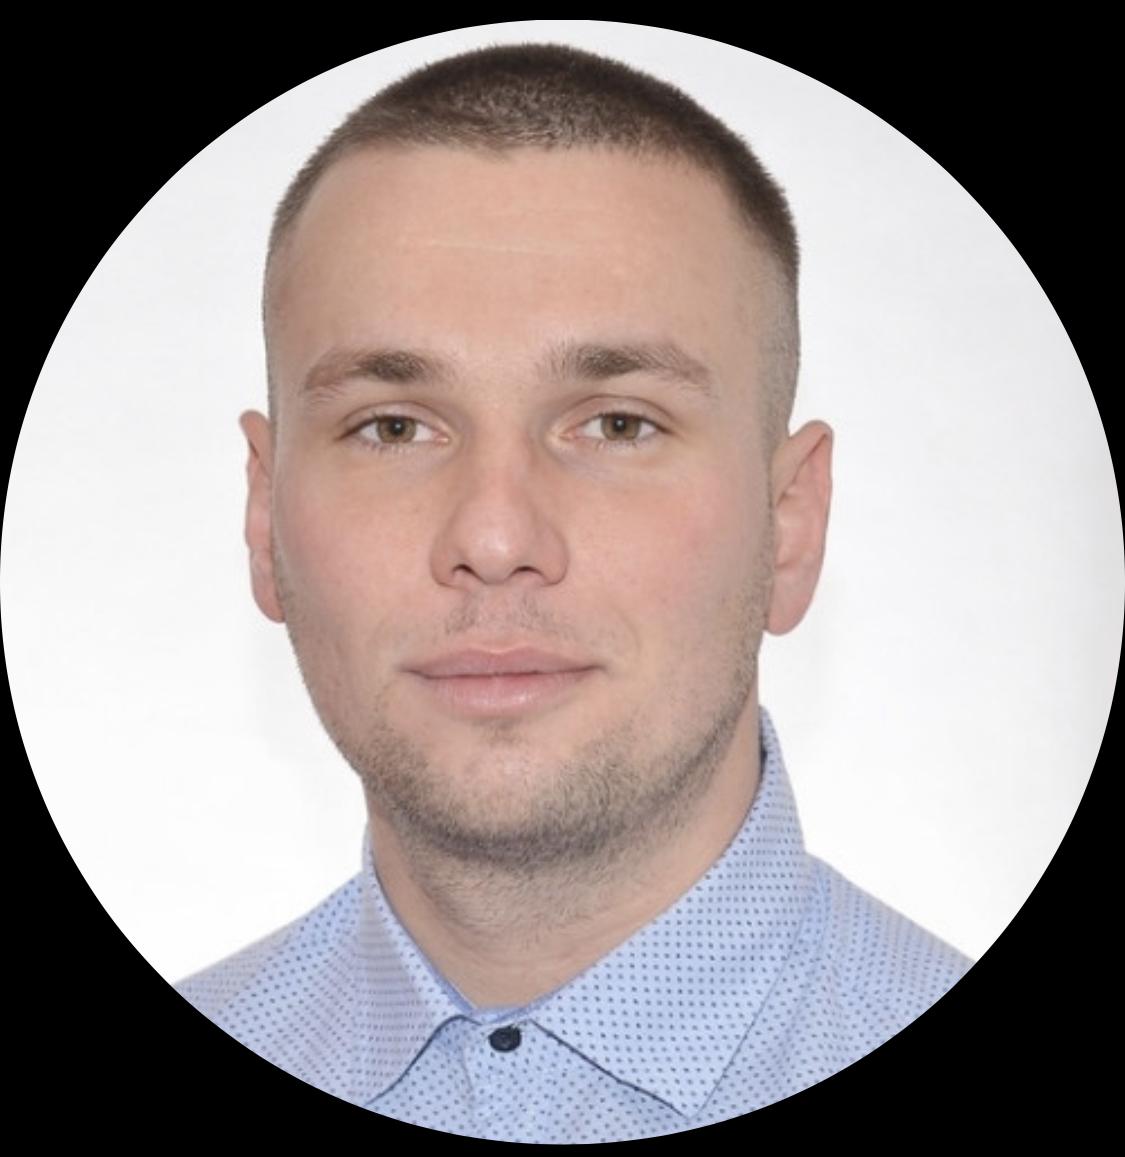 Mateusz Lentowicz